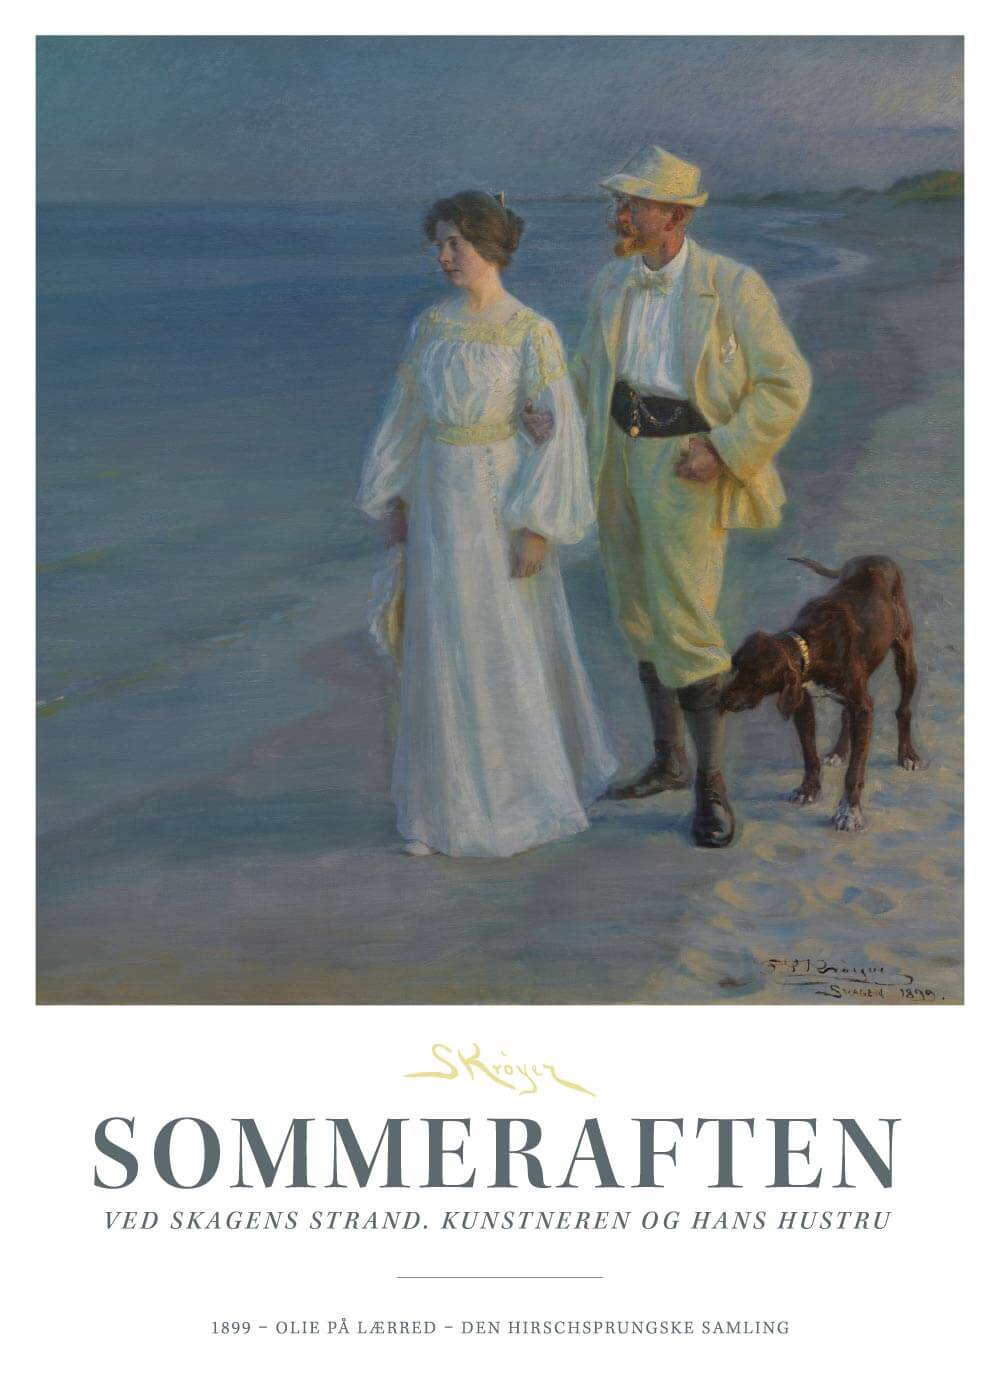 Billede af Sommeraften ved Skagens strand - P.S. Krøyer plakat